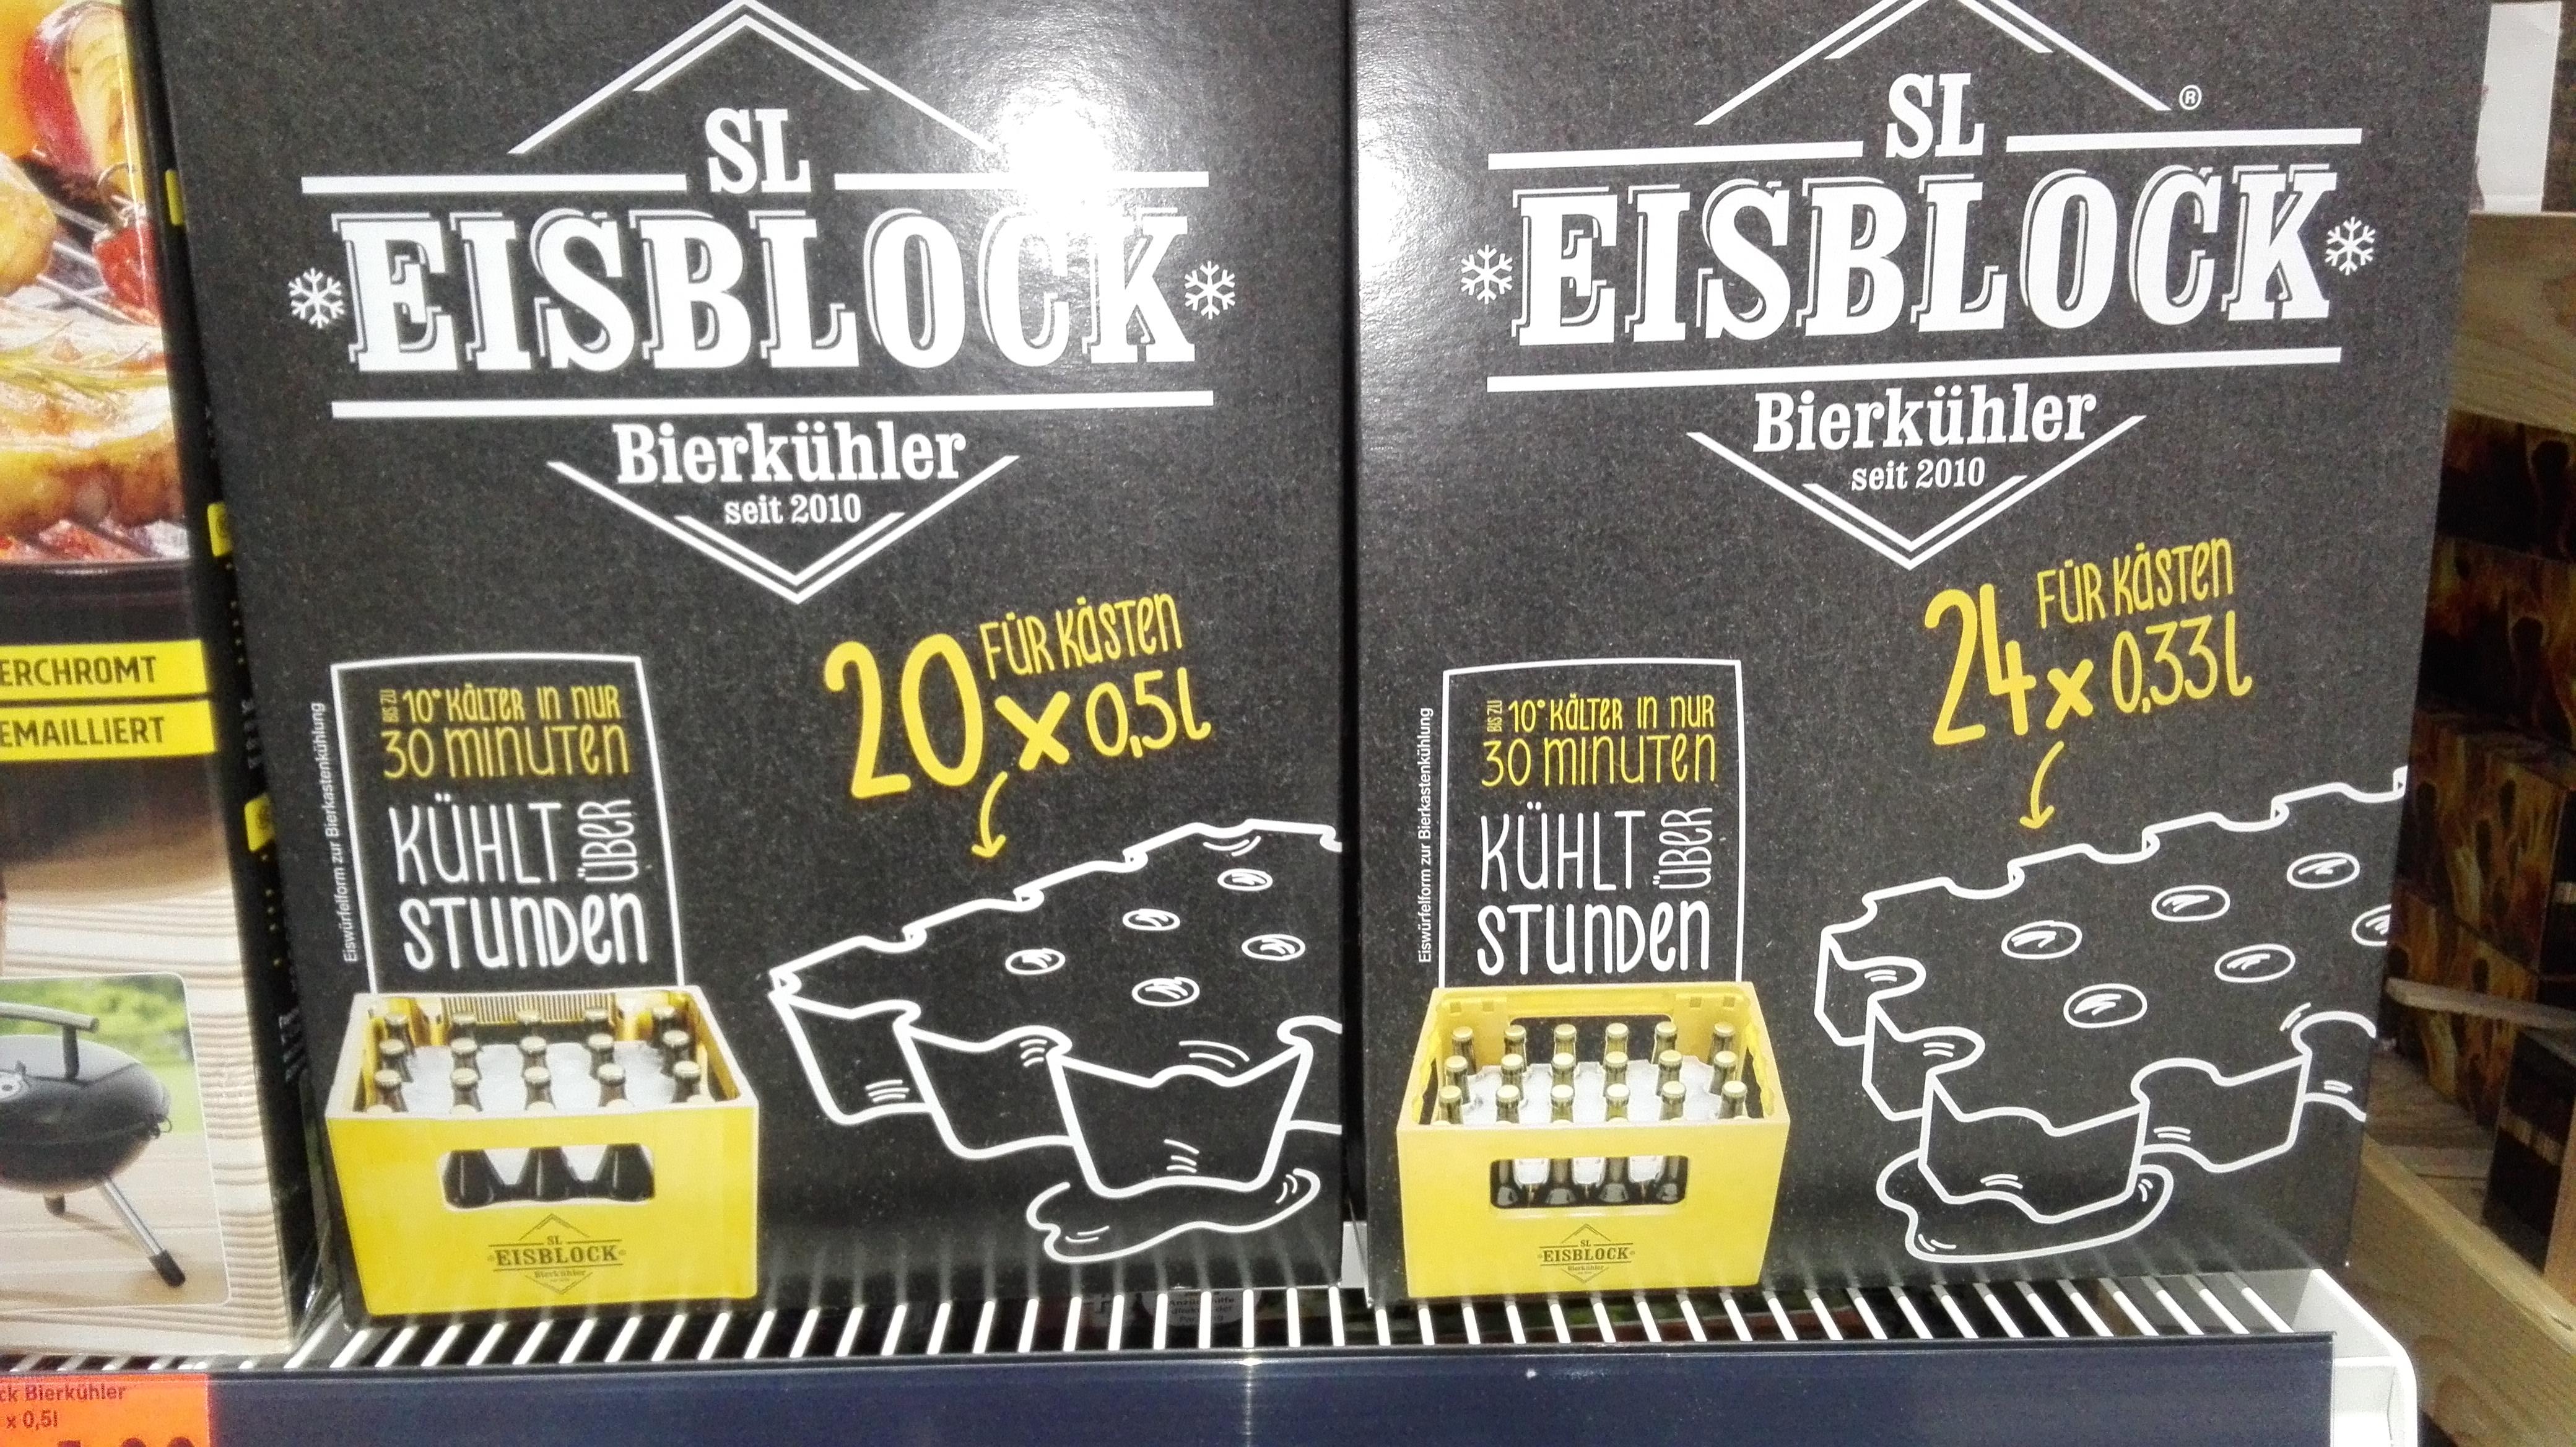 [LOKAL Kaufland Fellbach Merowingerstr.] SL Eisblock Bierkühler 0,33L & 0,5L je 4€